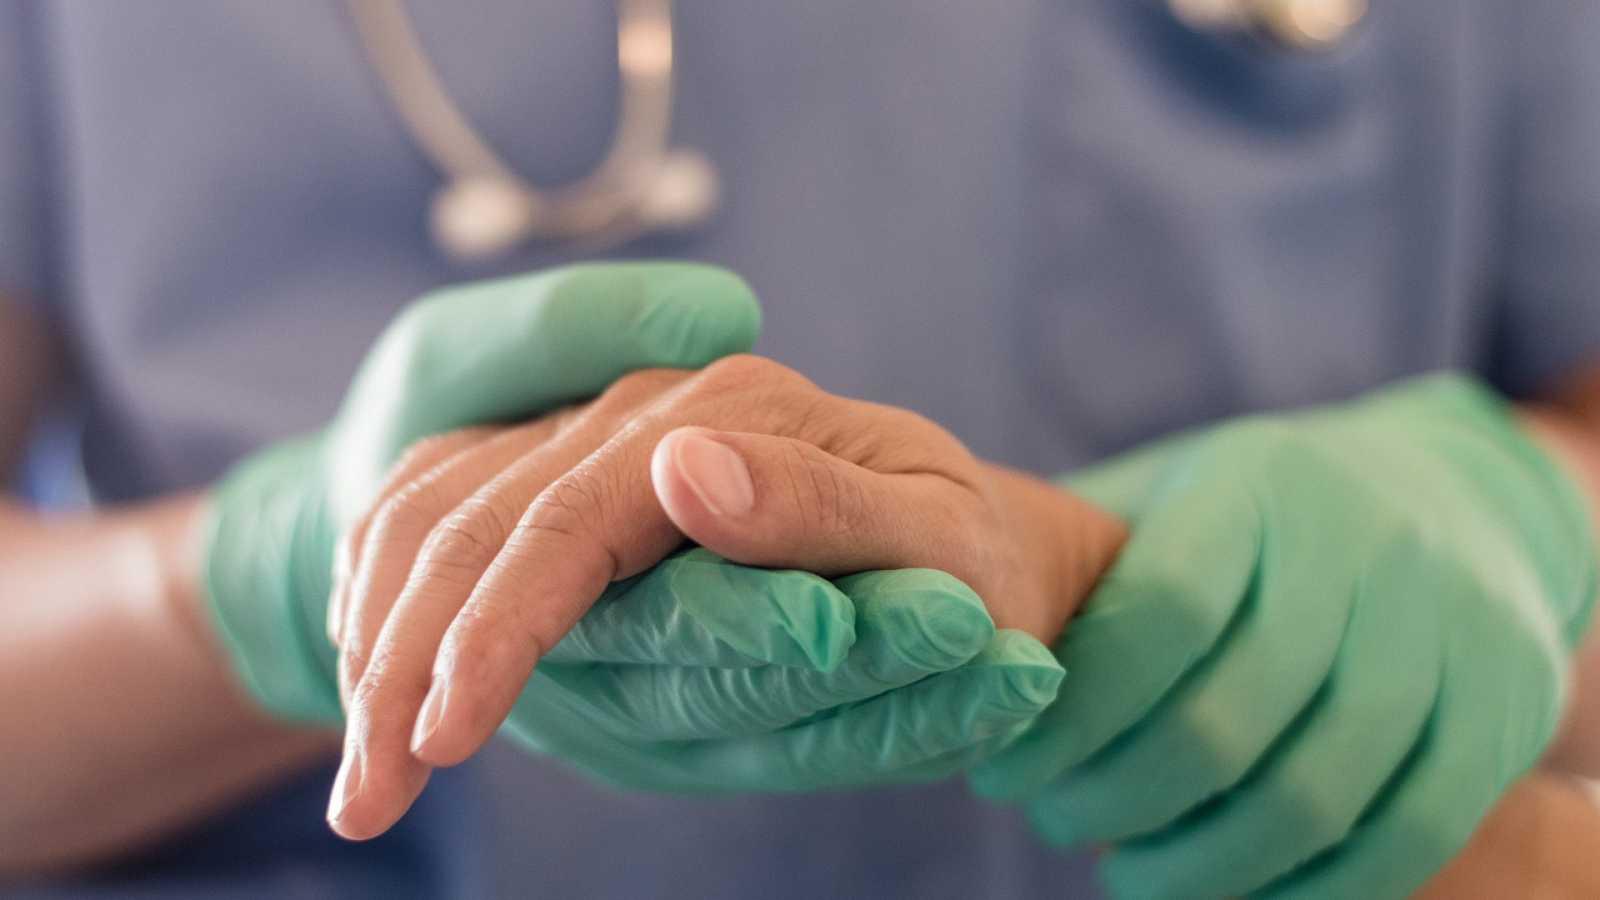 Cirujano, médico realiza operaciones quirúrgicas, anestesista o anestesiólogo sosteniendo la mano del paciente